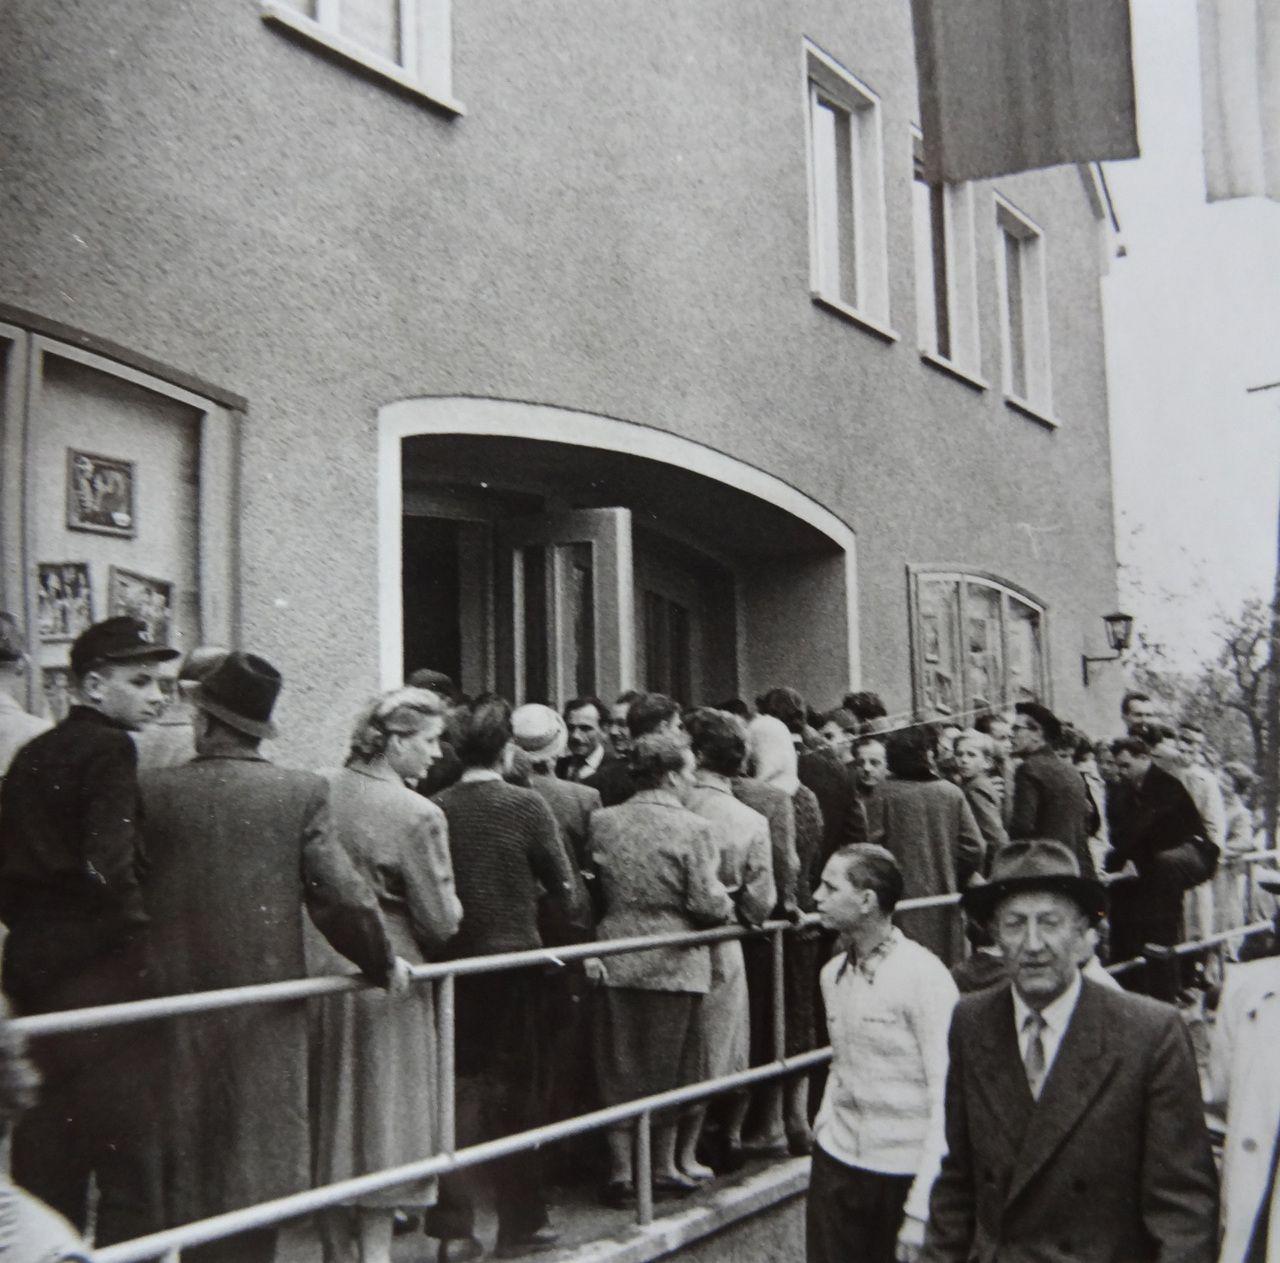 Das Neukircher Kino am Tag seiner feierlichen Wiedereröffnung 1957 (Fotograf*in unbekannt, Heimatmuseum Neukirch)